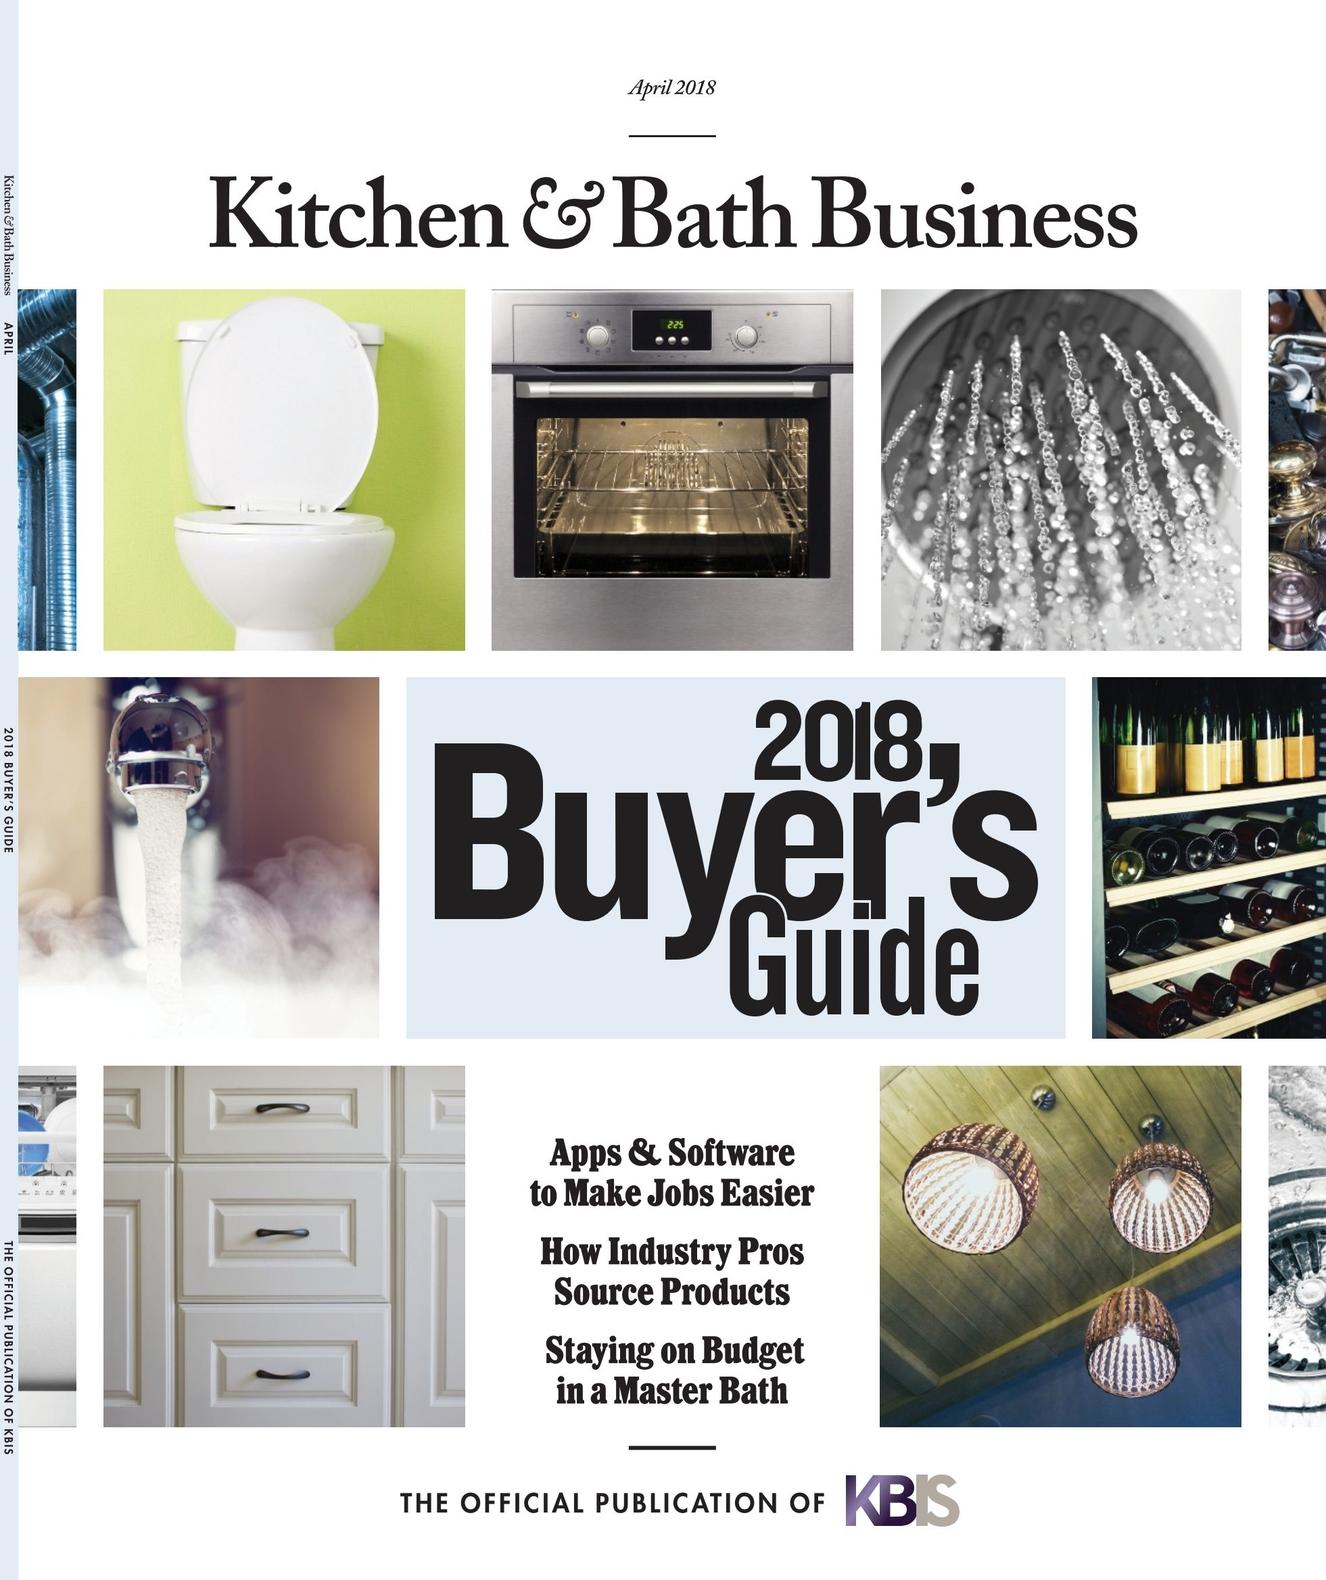 Kitchen & Bath Business - April 2018